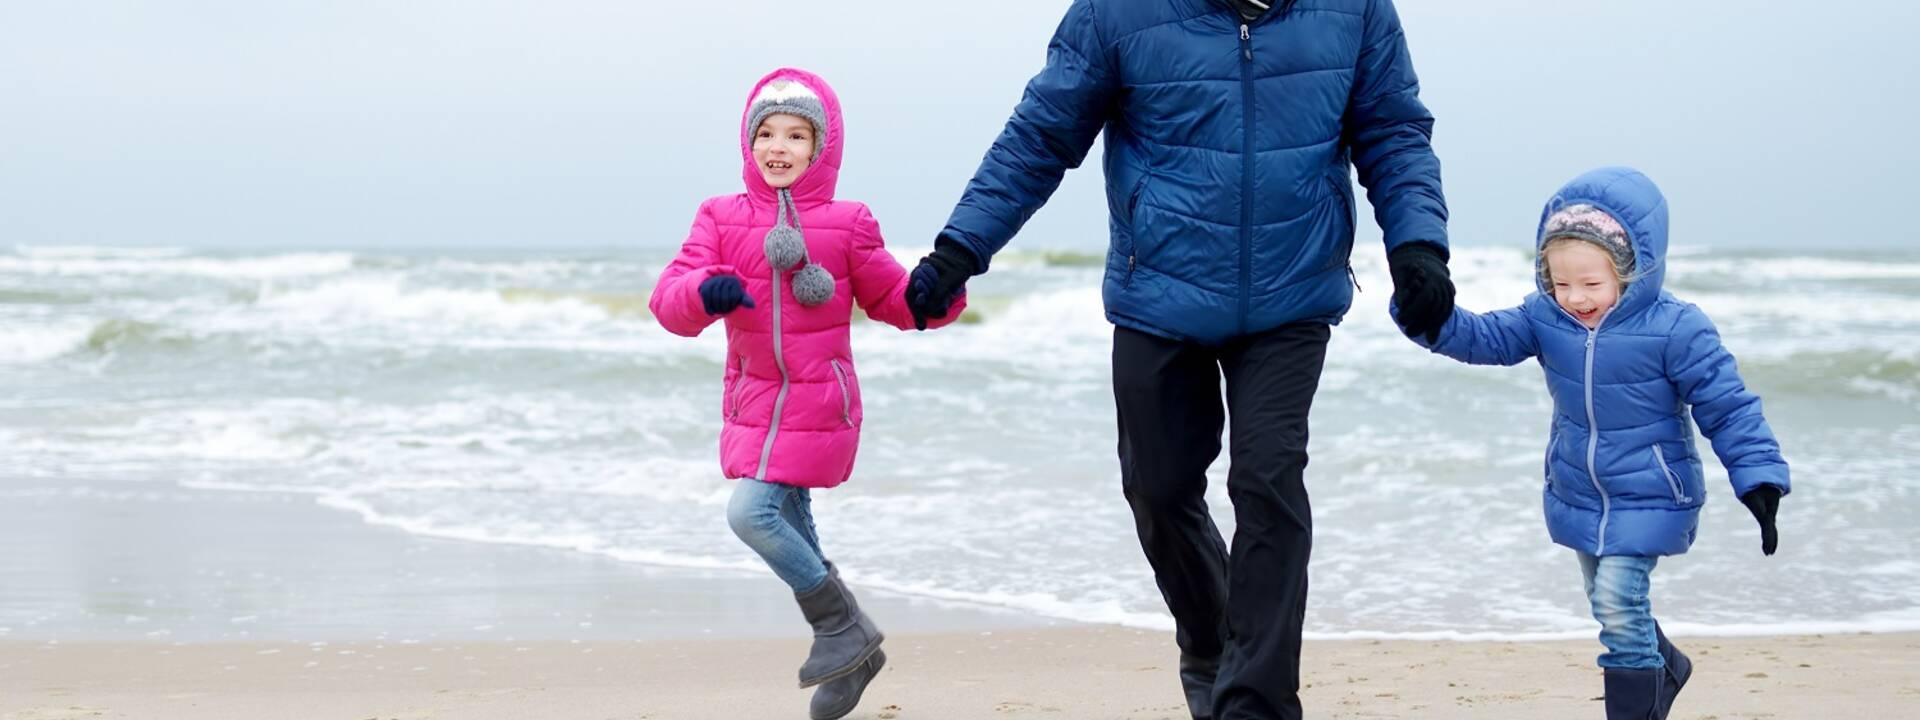 famille m'amusant à la plage en hiver - ©Shutterstock